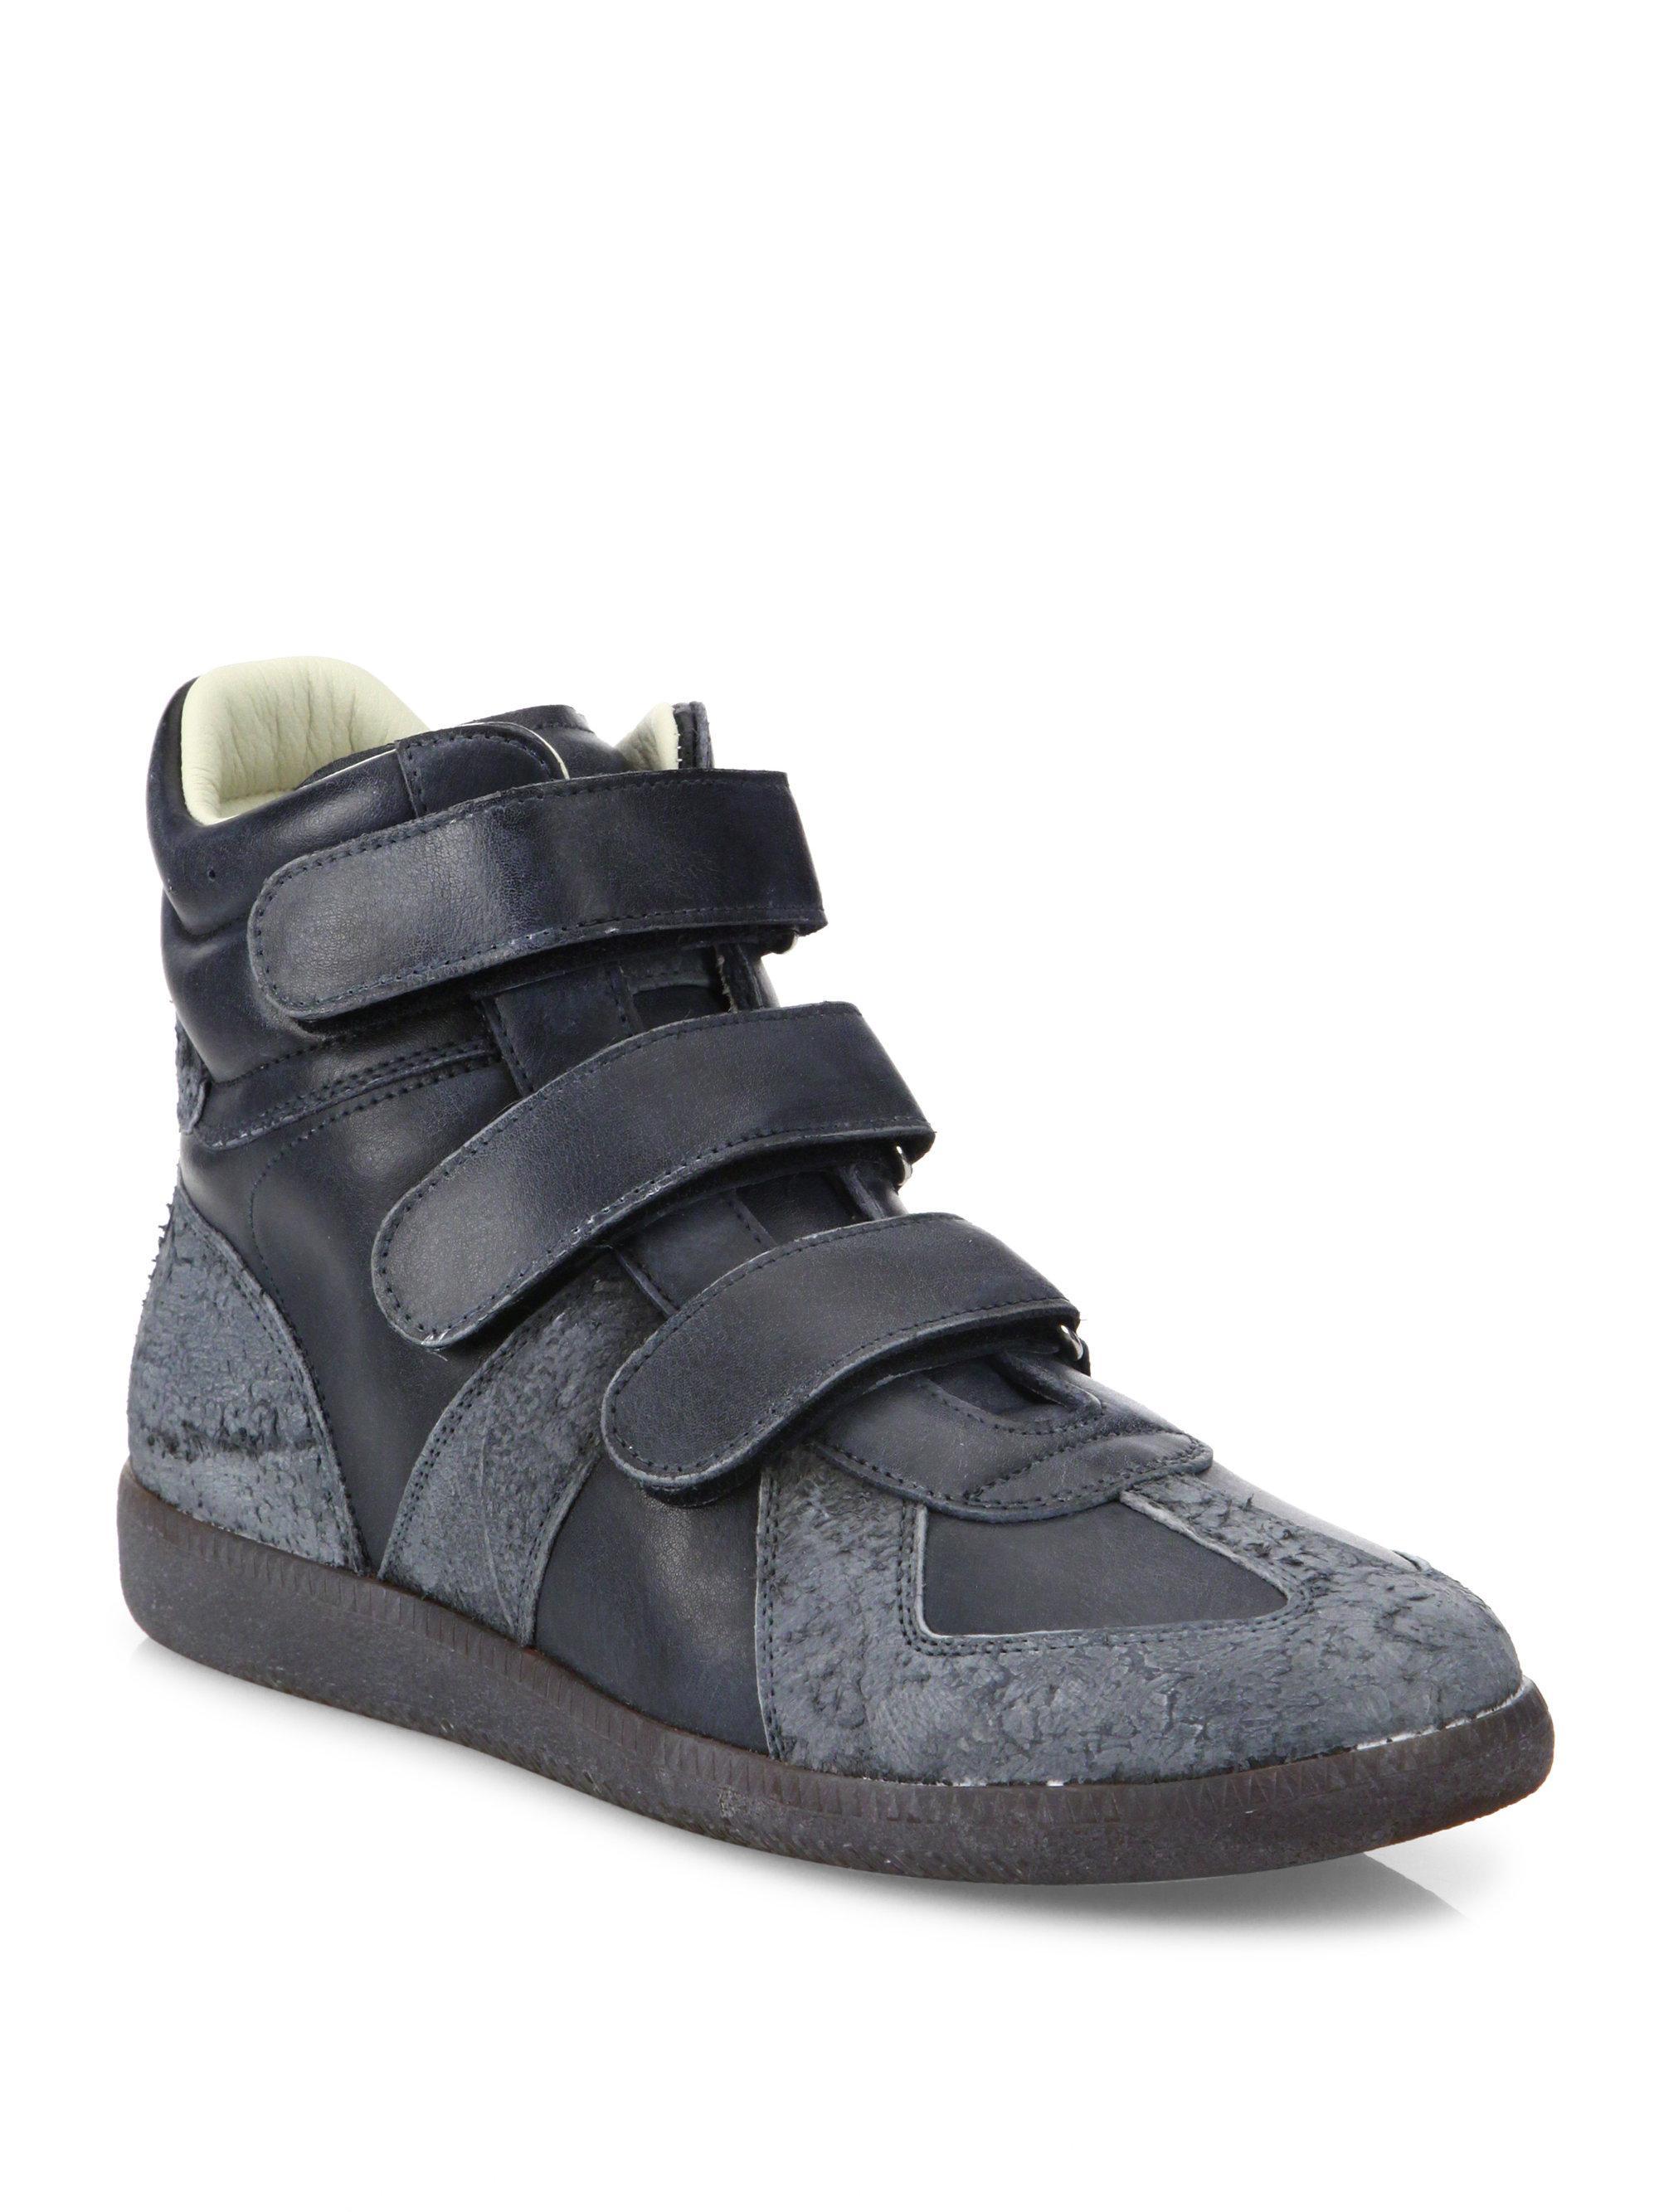 Maison Margiela Black Triple Velcro Sneakers 7XQ6w